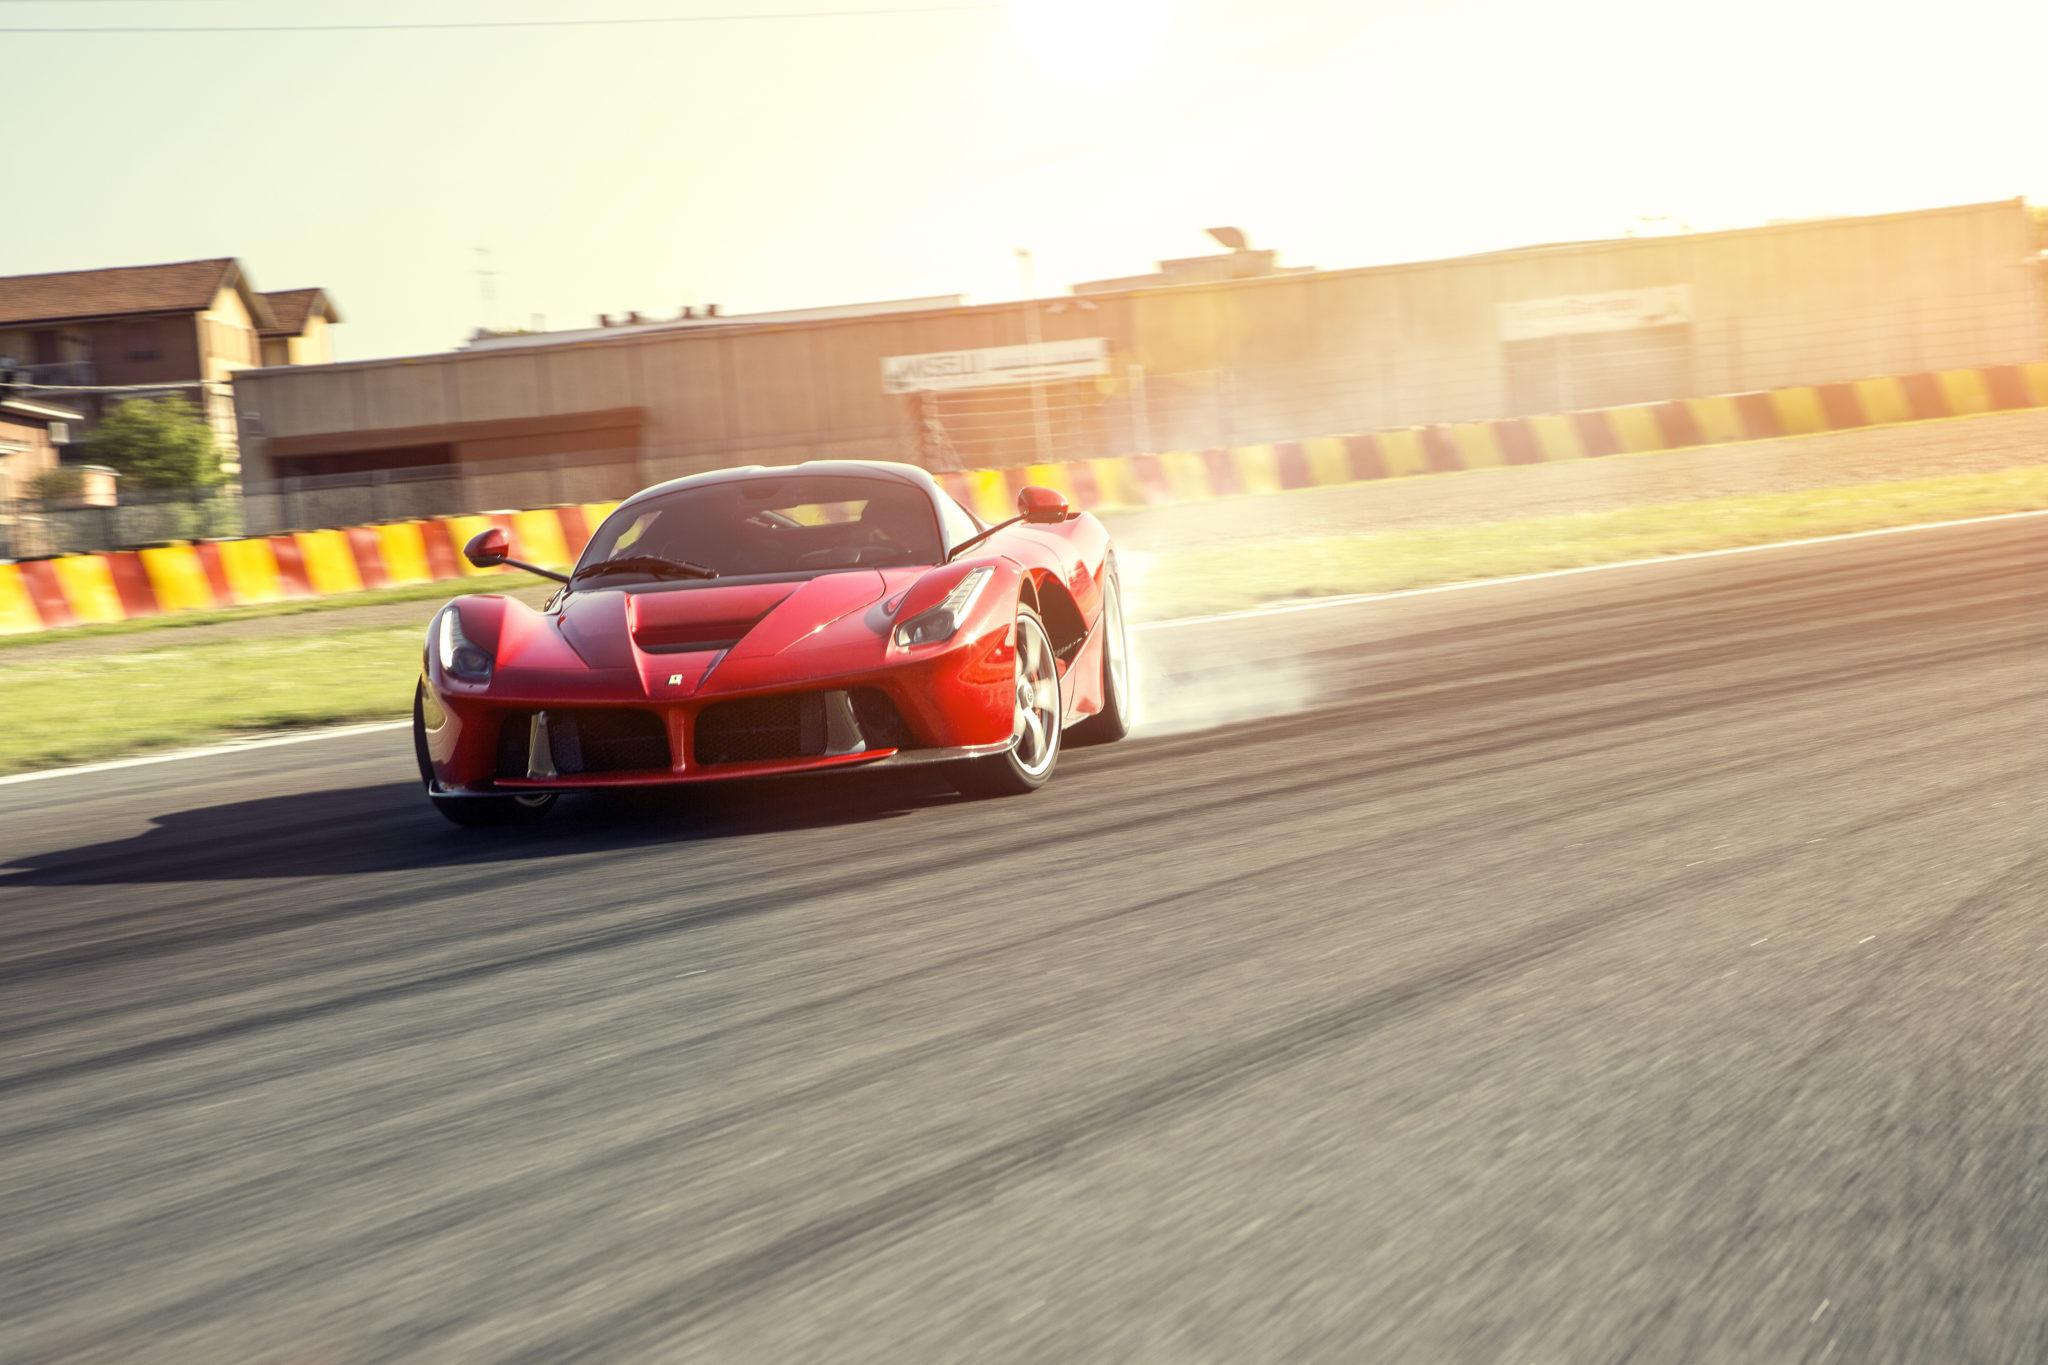 snelste Ferrari's op Fiorano ferrari enzo